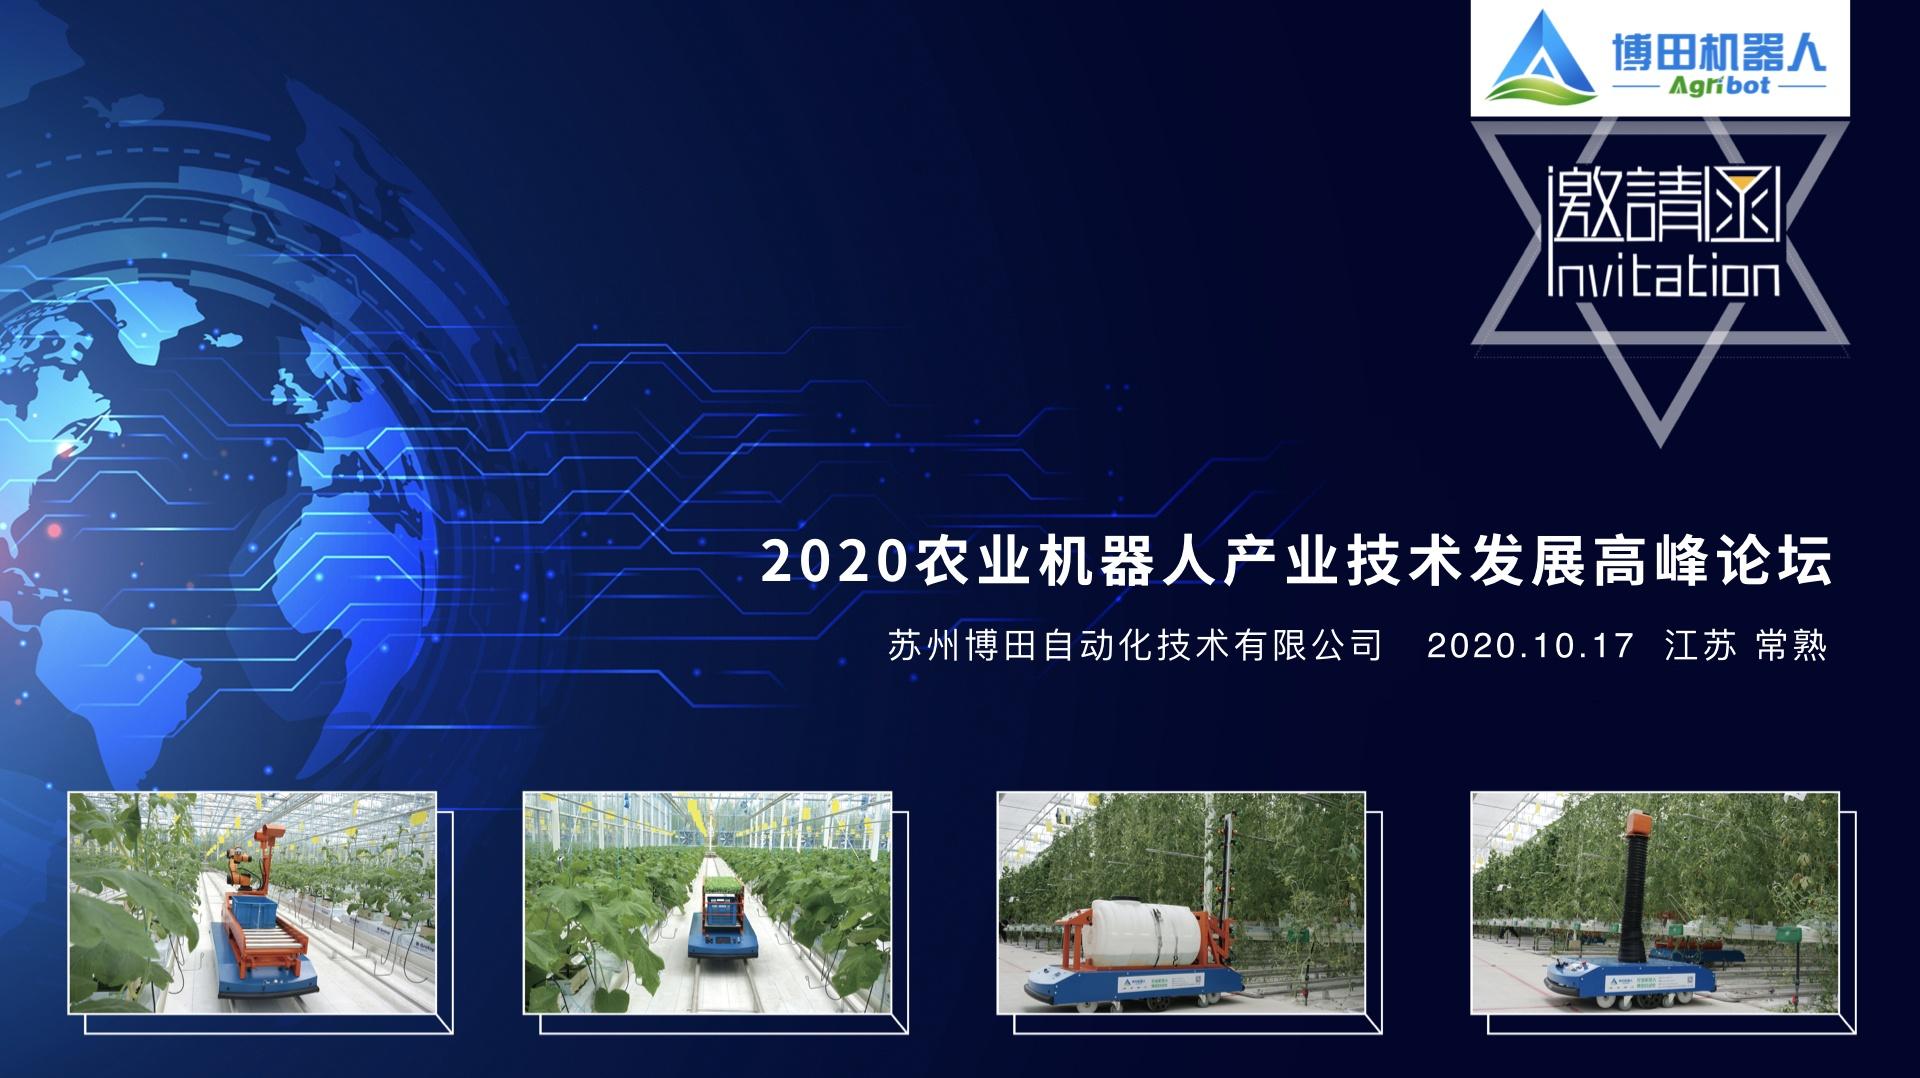 【智慧农业 机器助人】2020年农业机器人产业技术发展高峰论坛邀您参加!